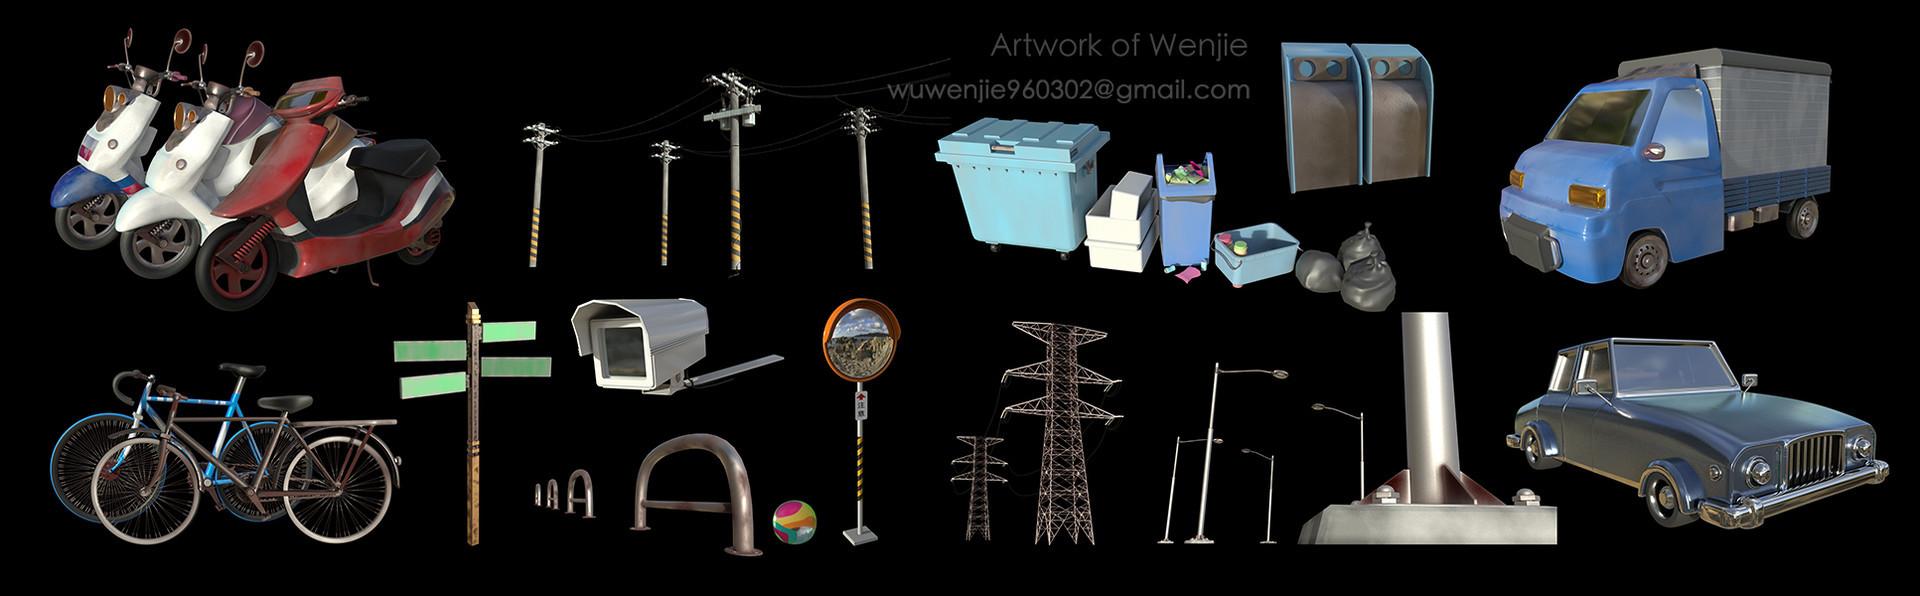 wenjie-wu-street-props.jpg